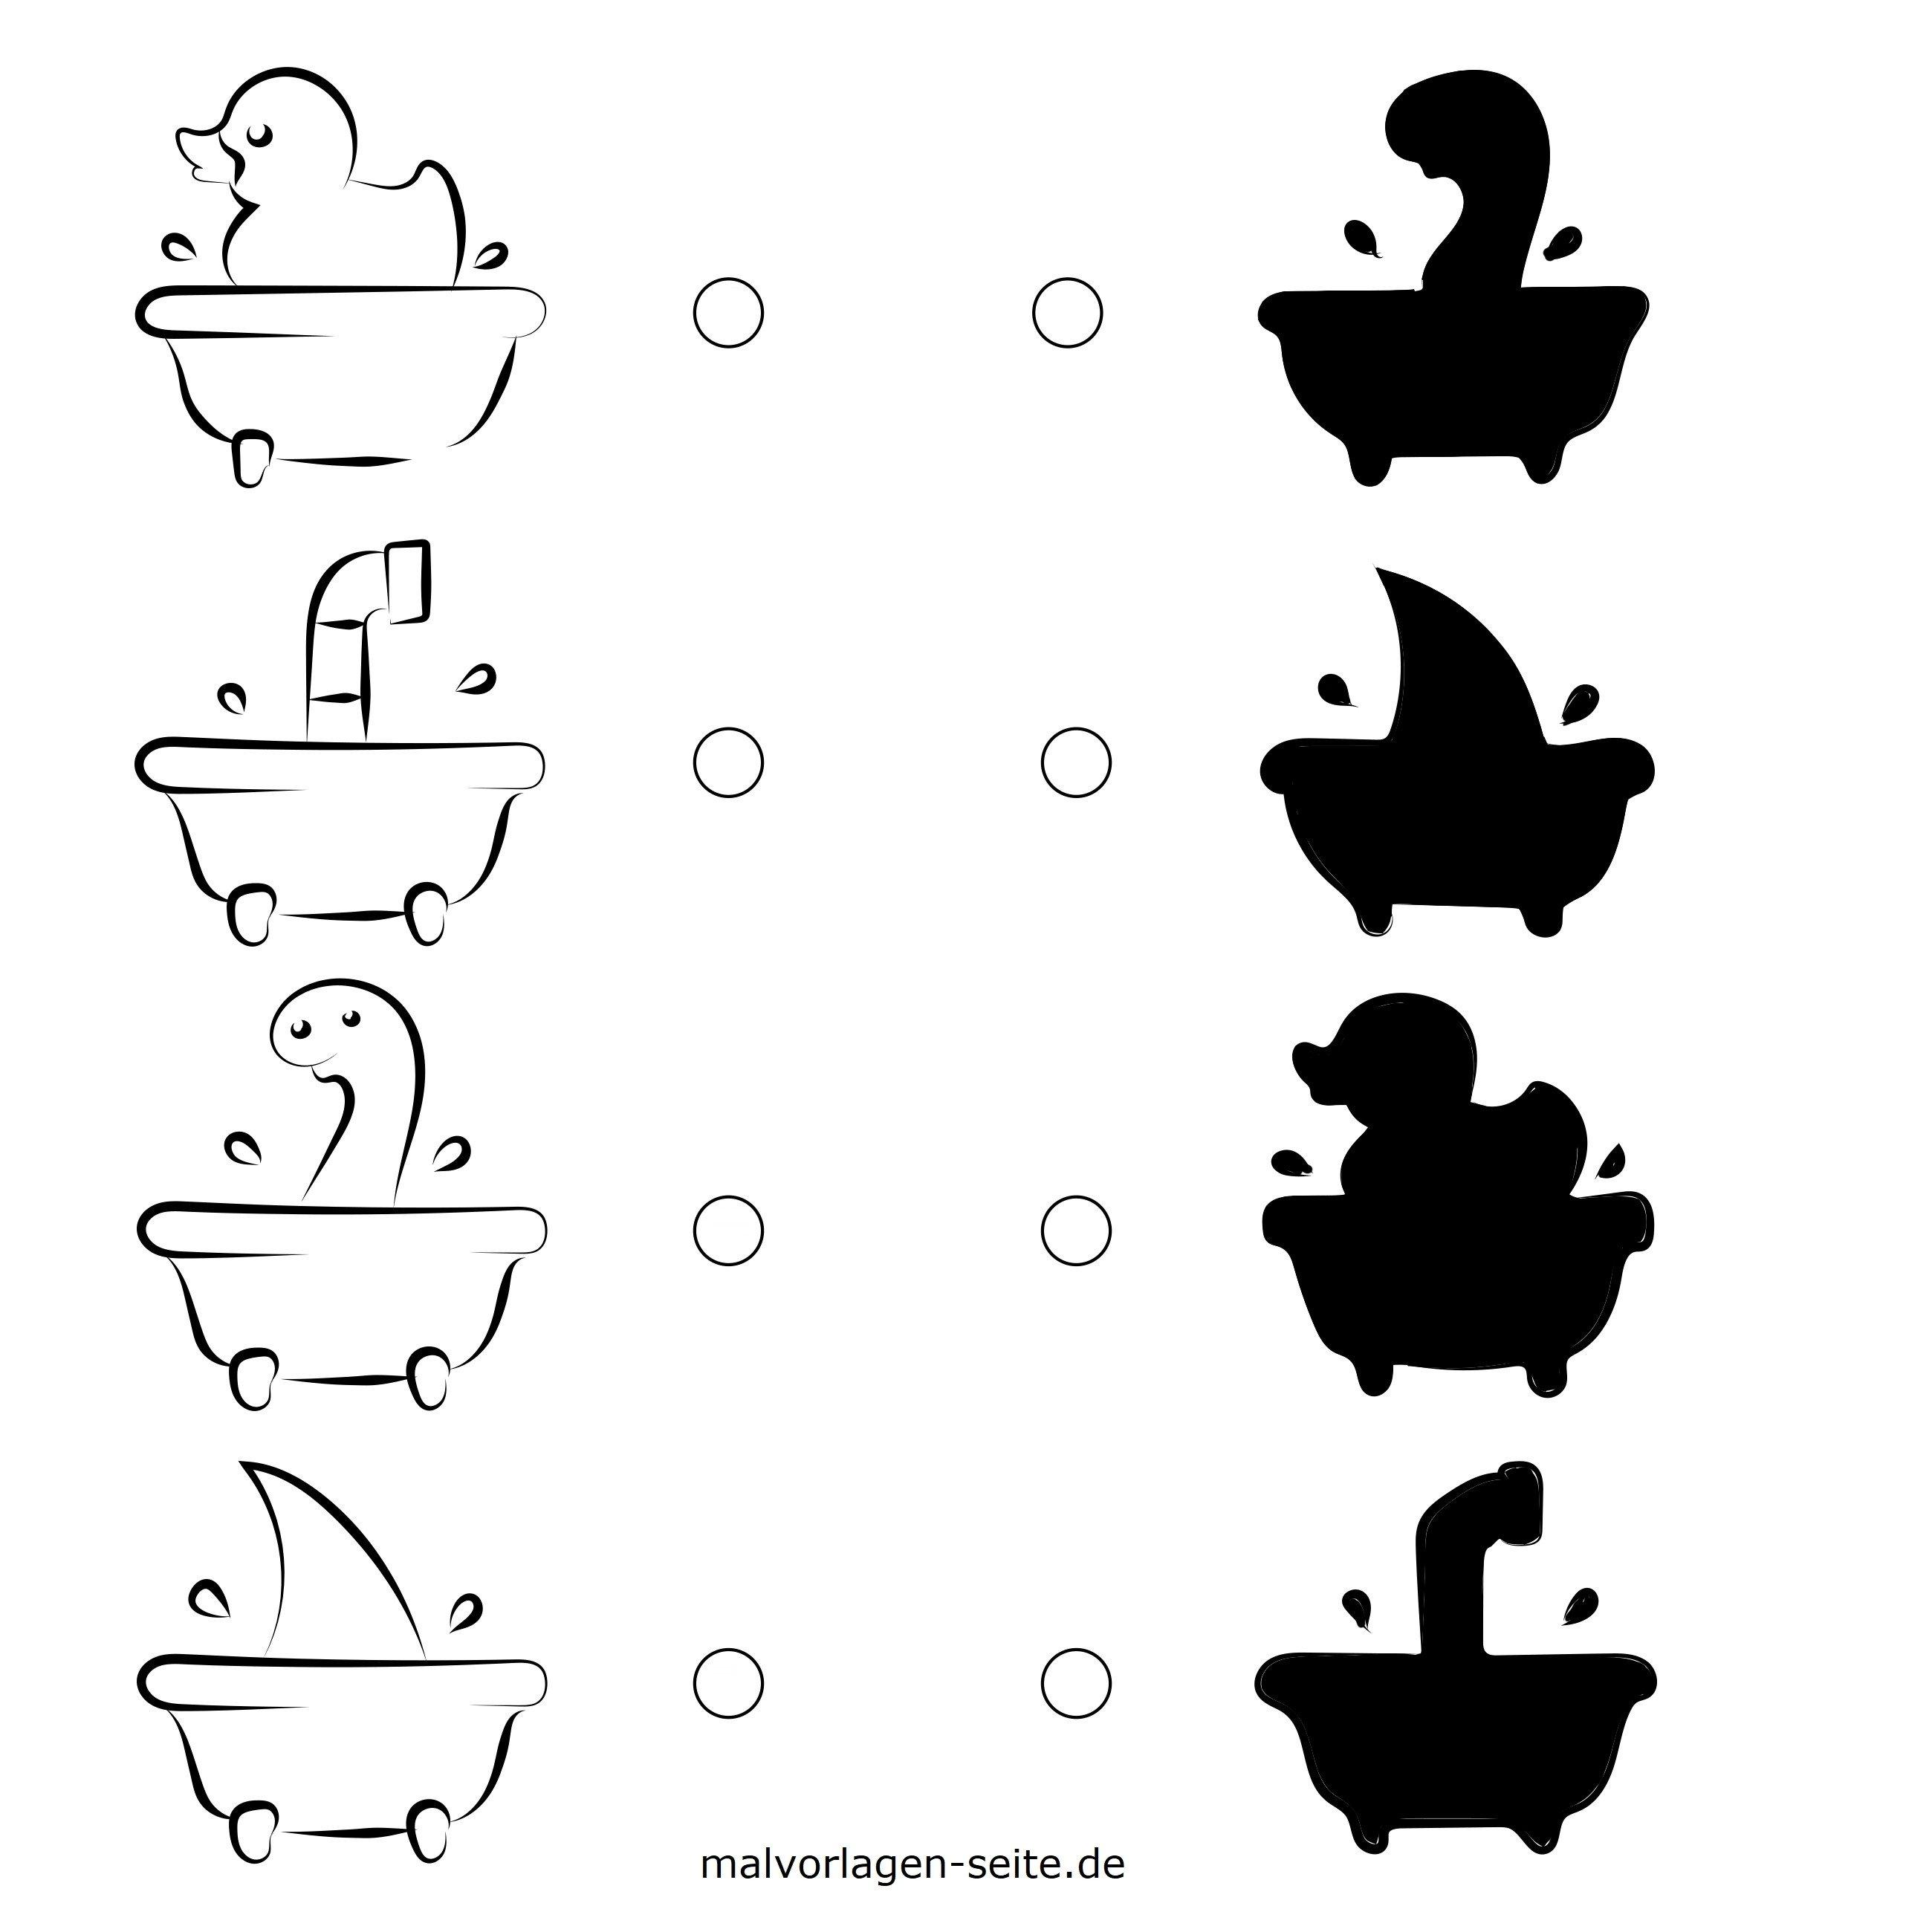 Schattenrätsel Für Kinder Rätsel Gratis Malvorlagen Zum Download